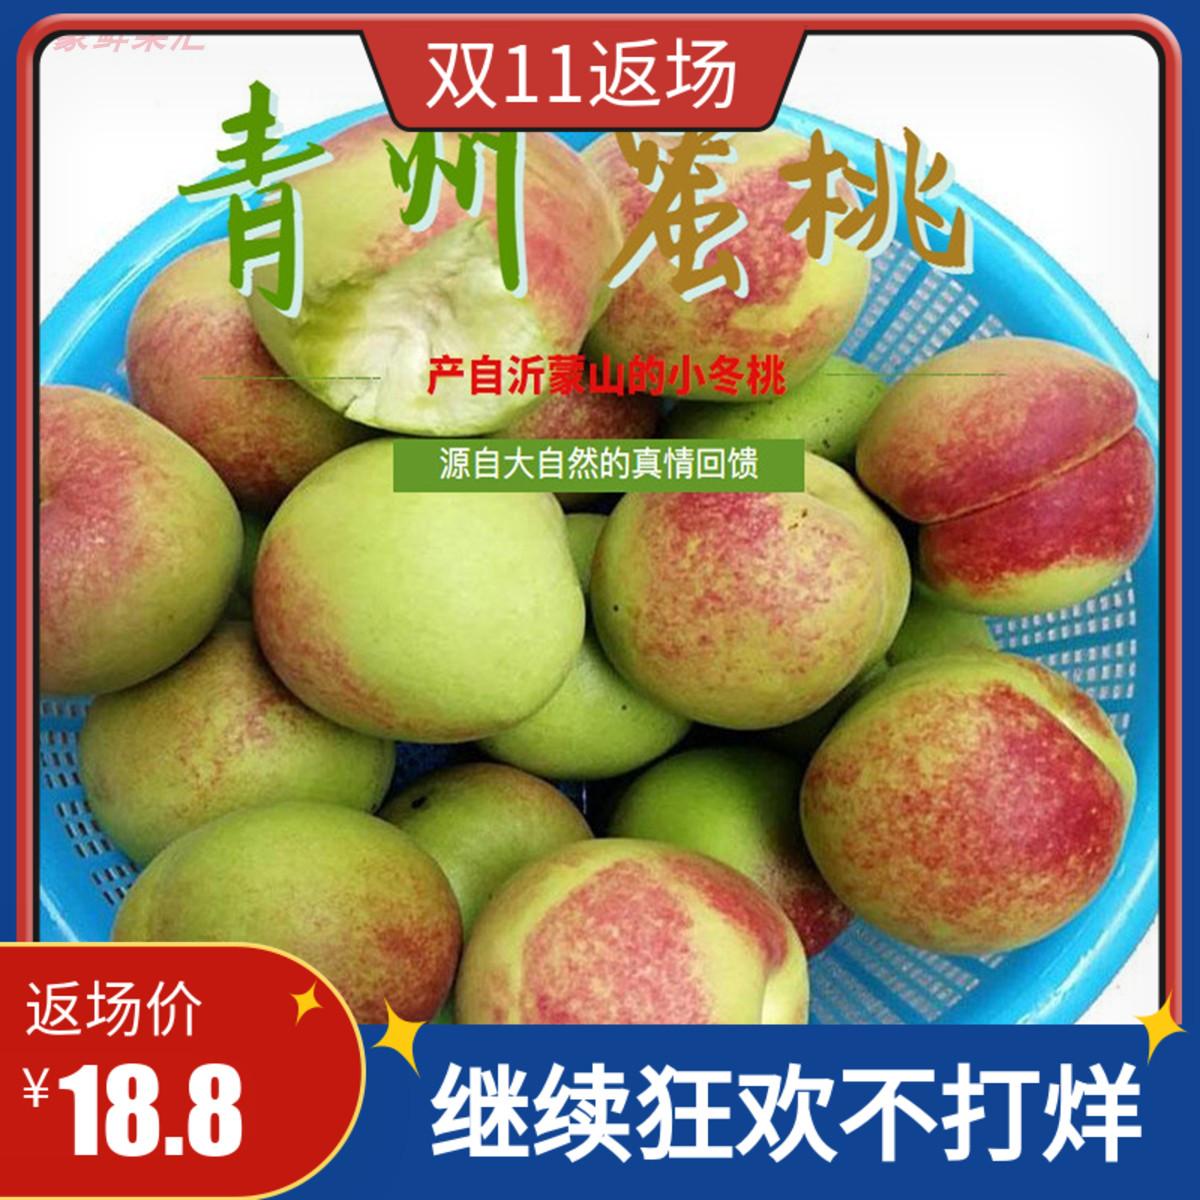 青州蜜桃新鲜水果冬雪蜜桃现摘现发毛桃脆甜桃子5斤包邮偏远不包